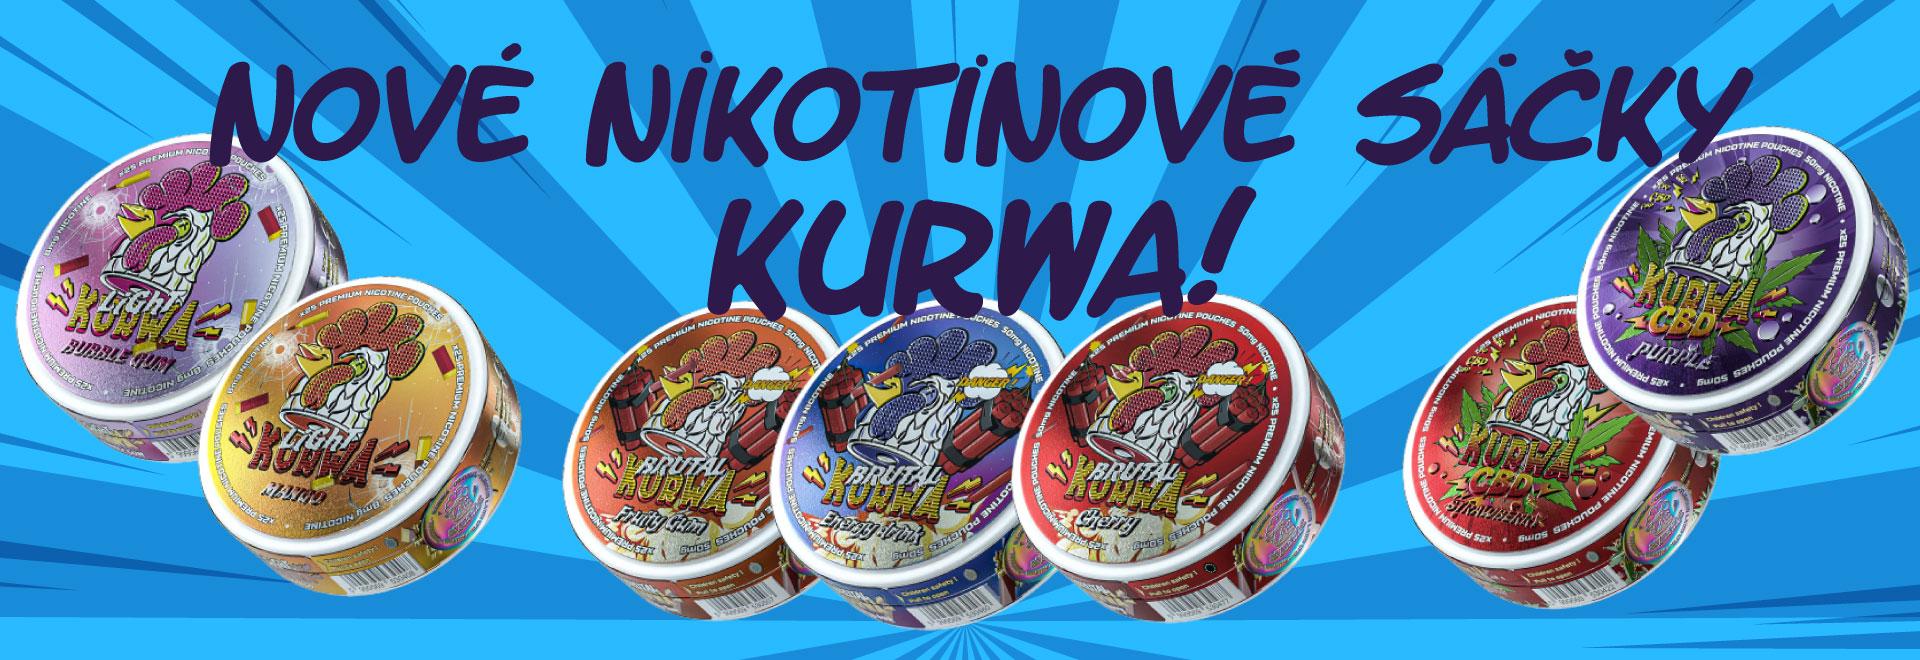 Kurwa - Novinky